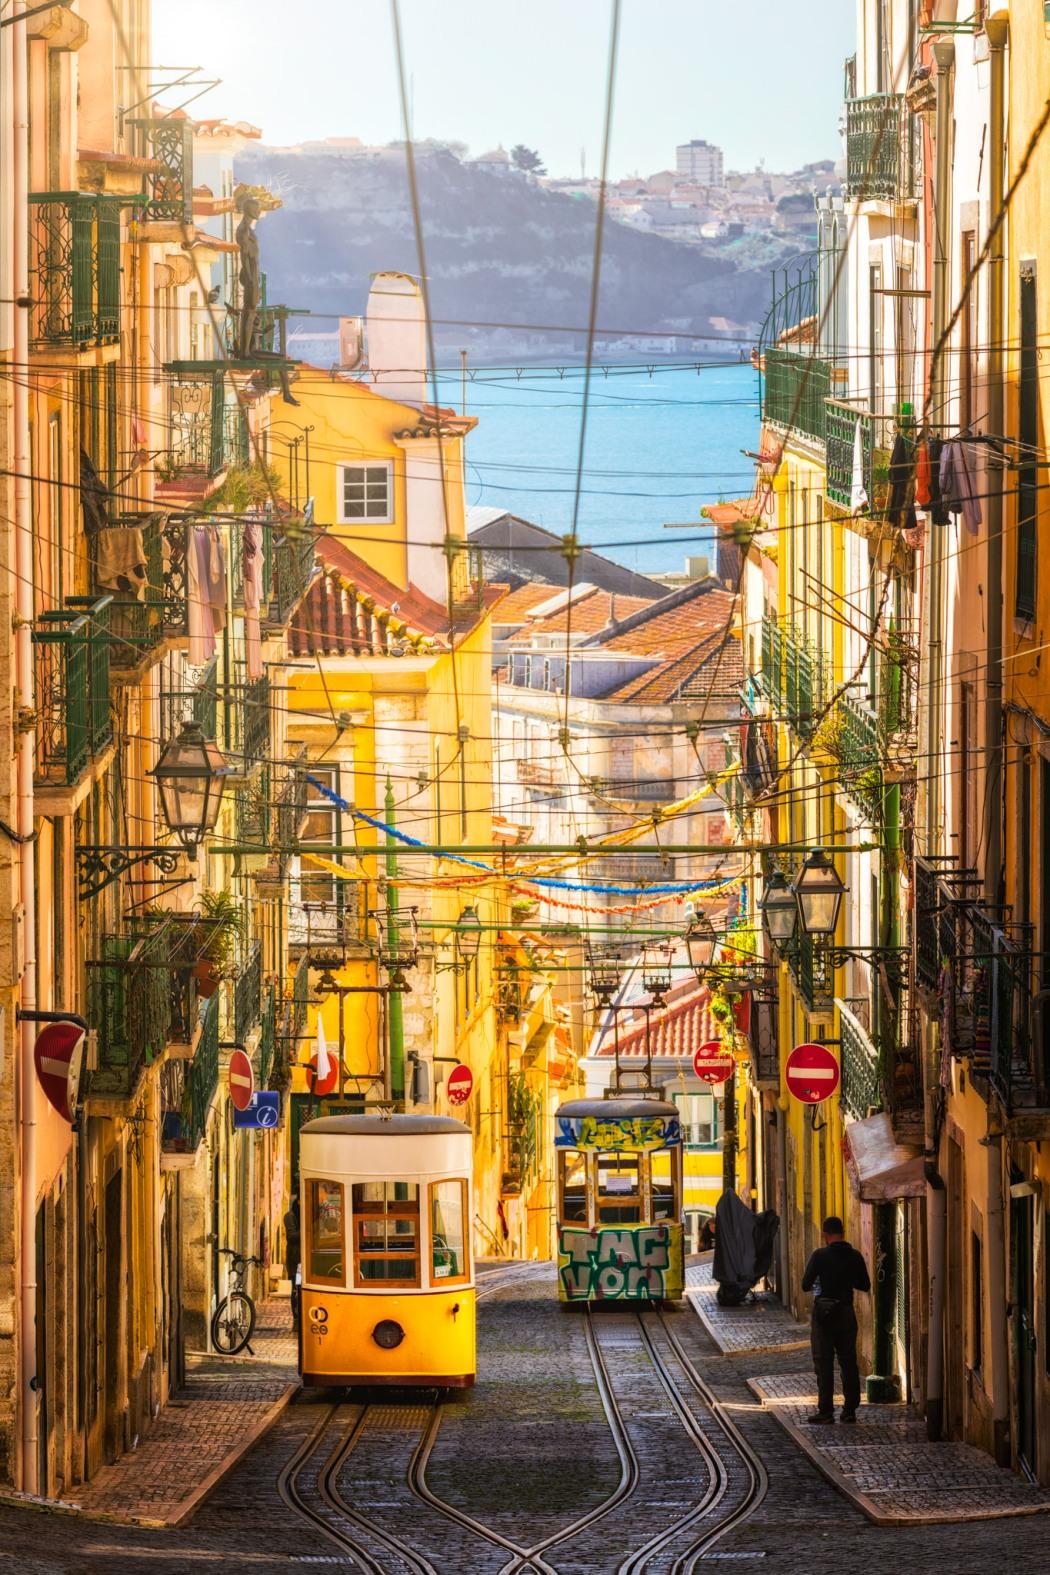 Bica-Funicular-Lisbon-Portugal-suuny